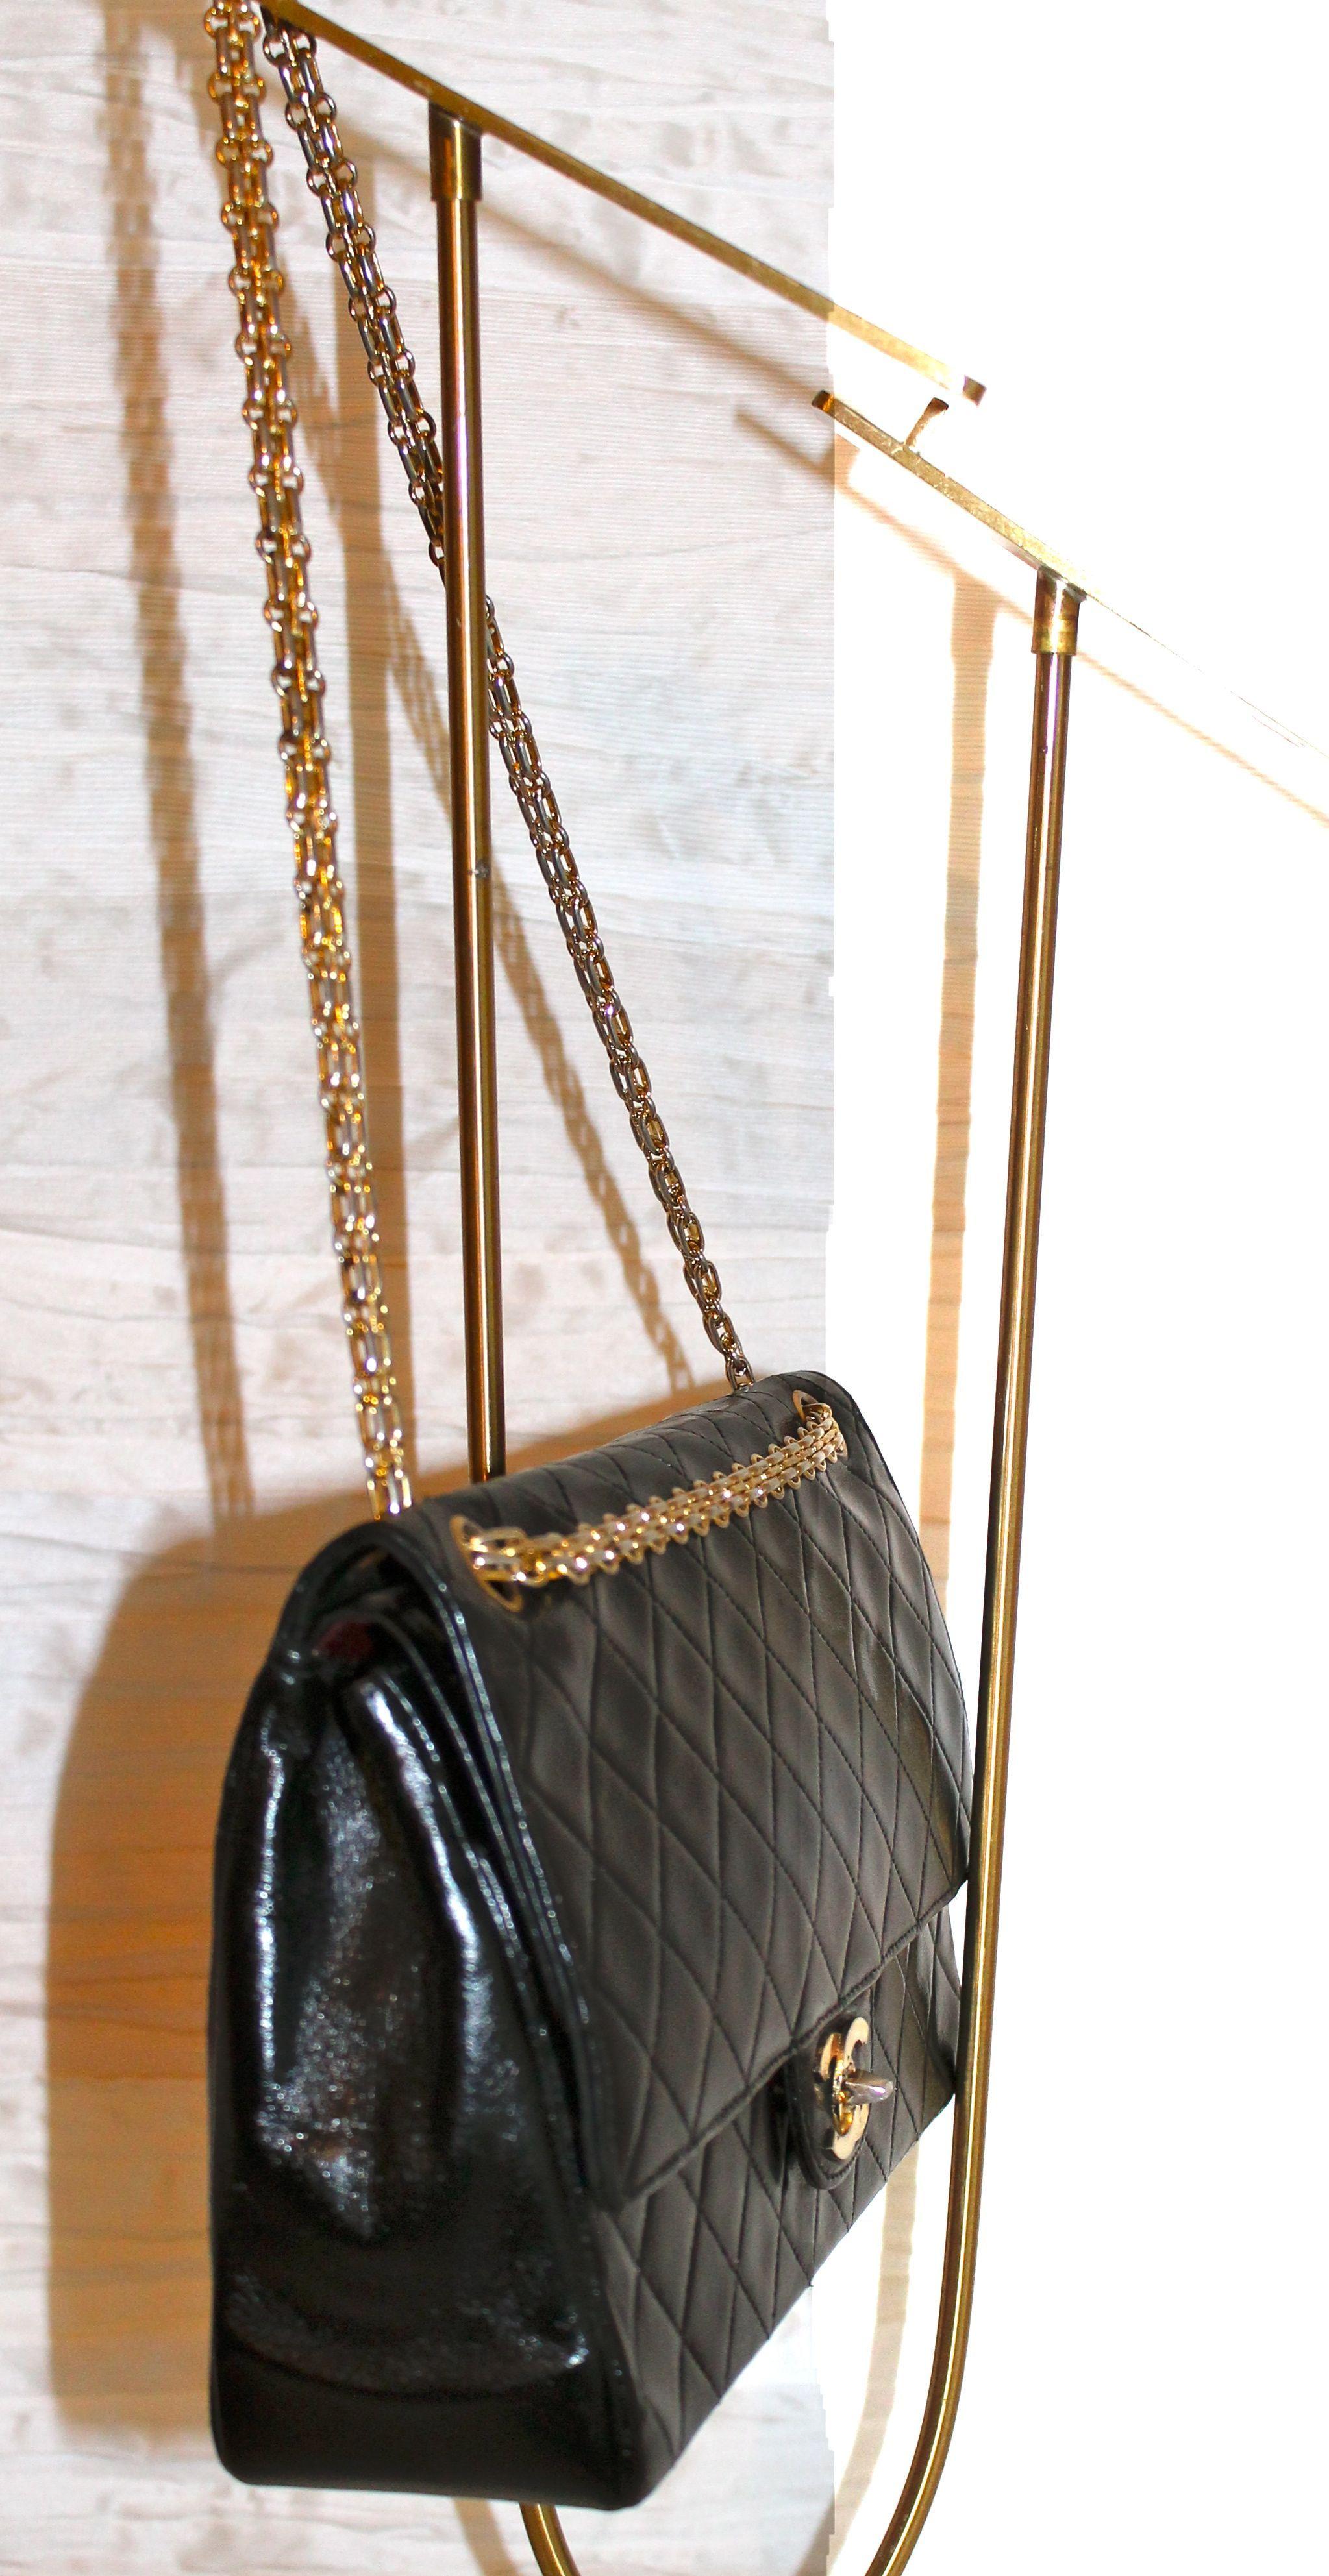 Borse Con Catena Chanel.Borsa Chanel Modello 2 55 Vintage In Agnello Matelasse Nero